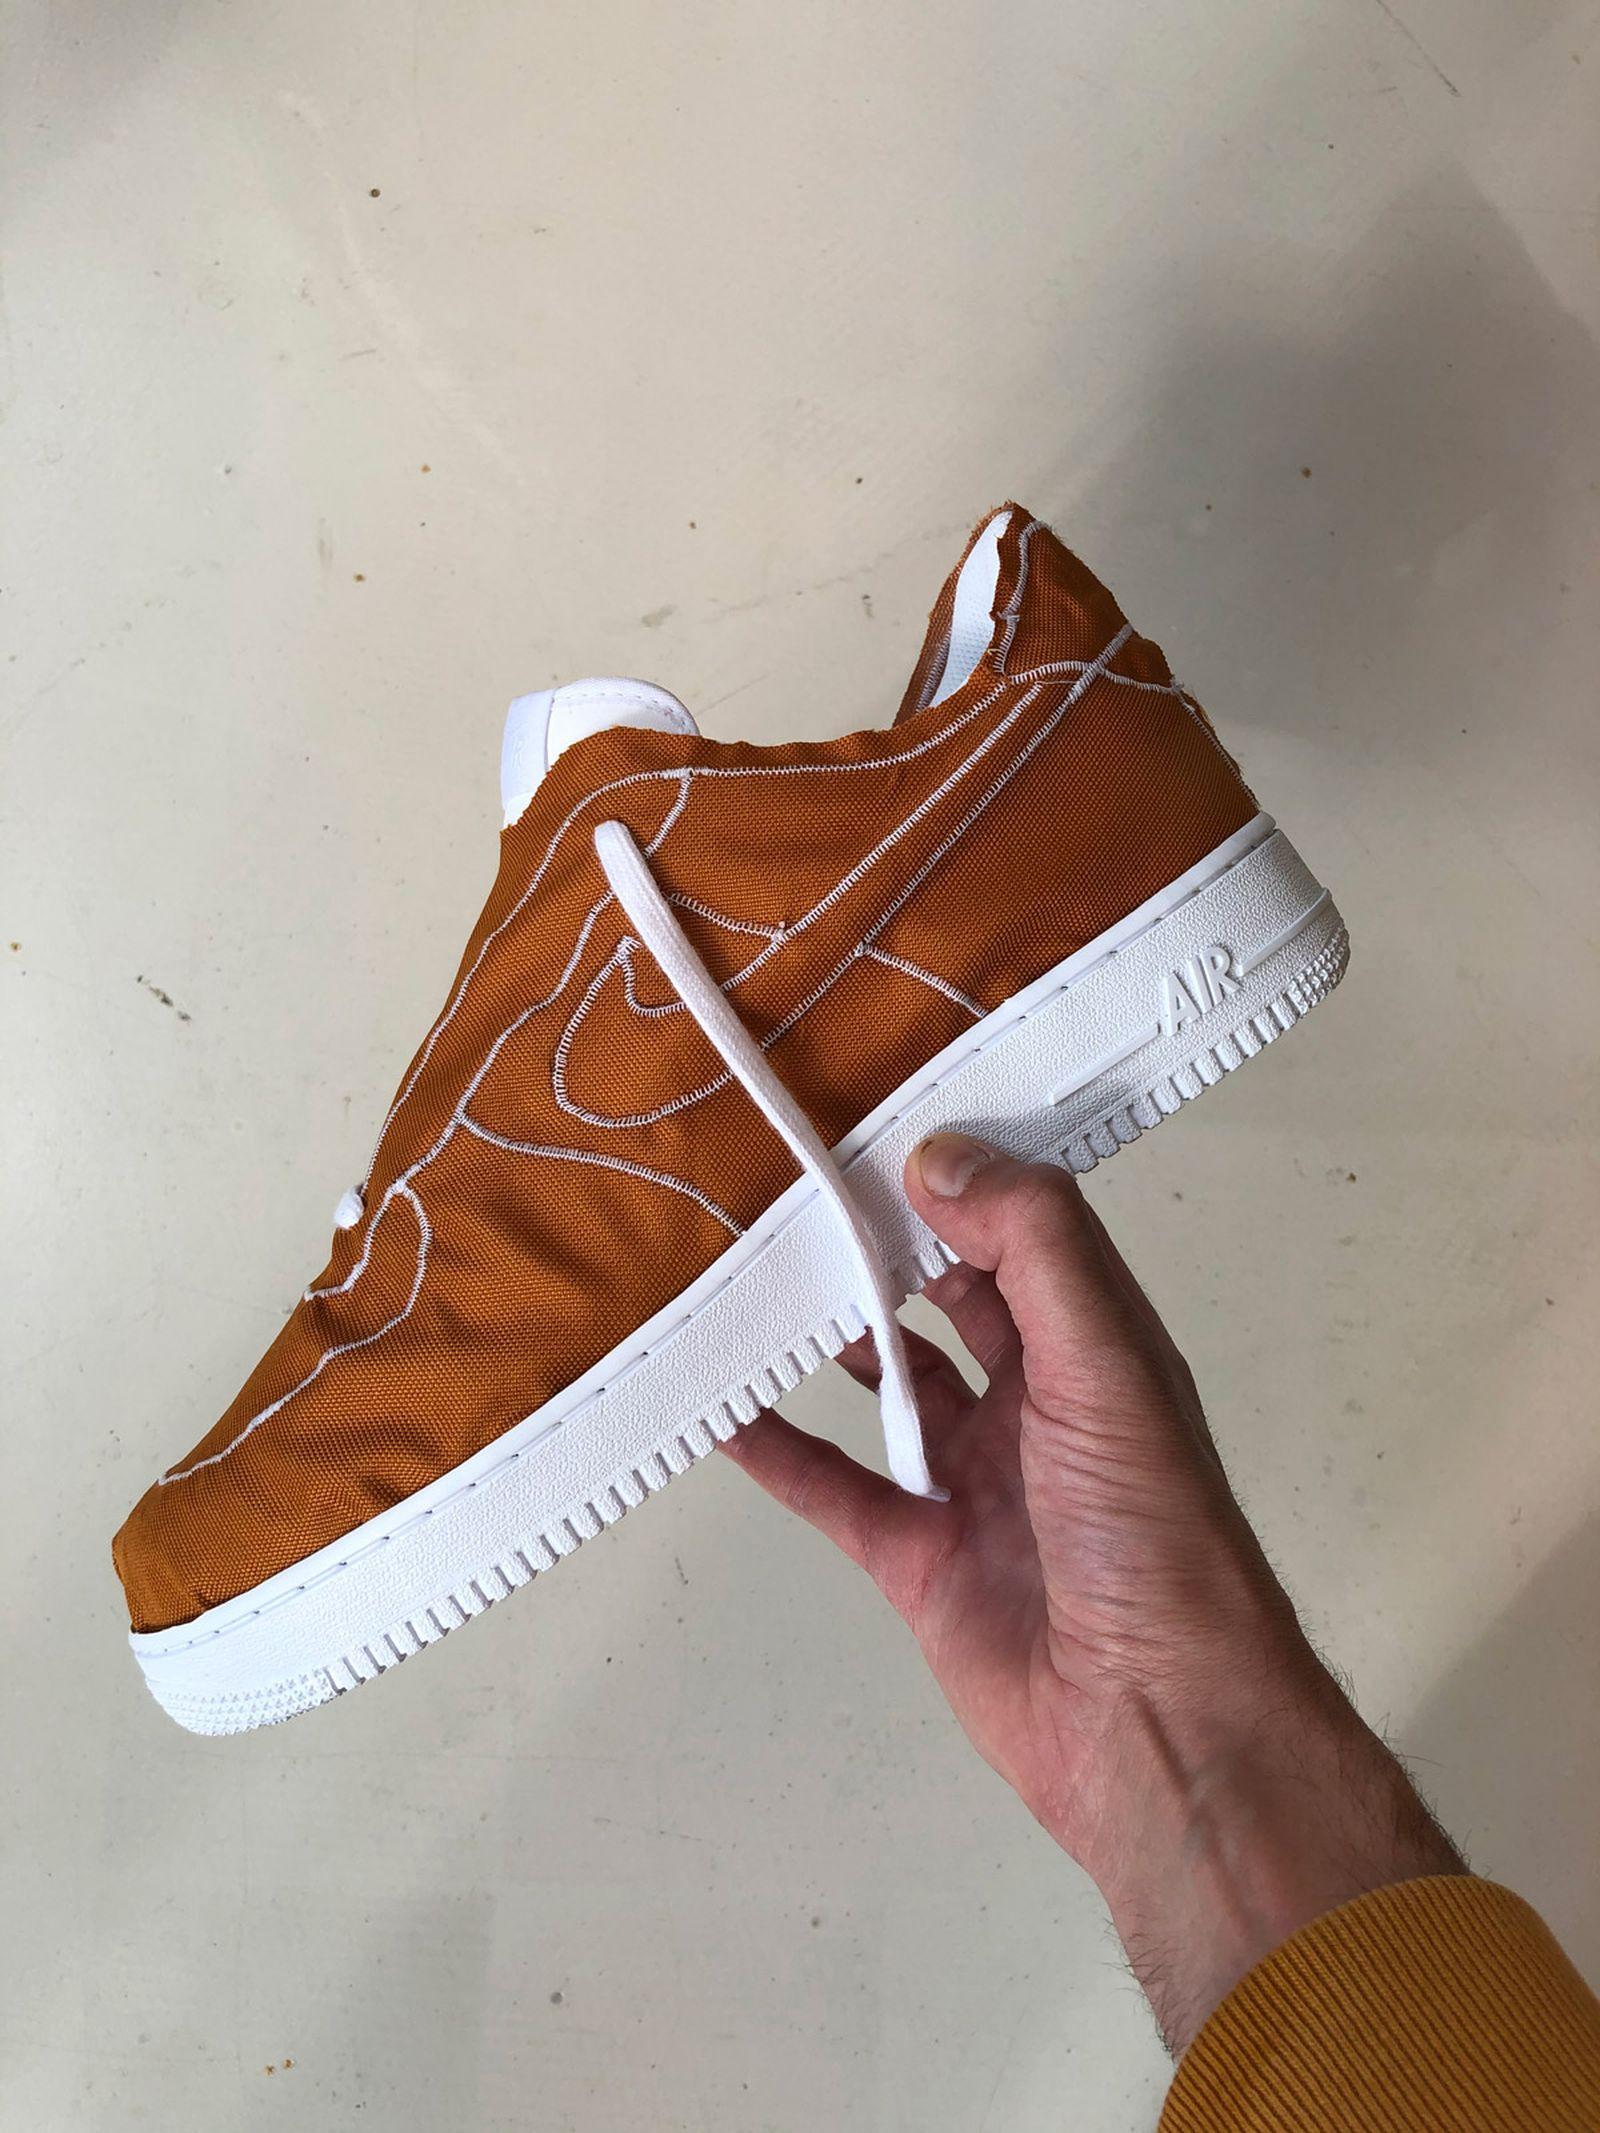 next-gen-sneakers-studio-hagel-02